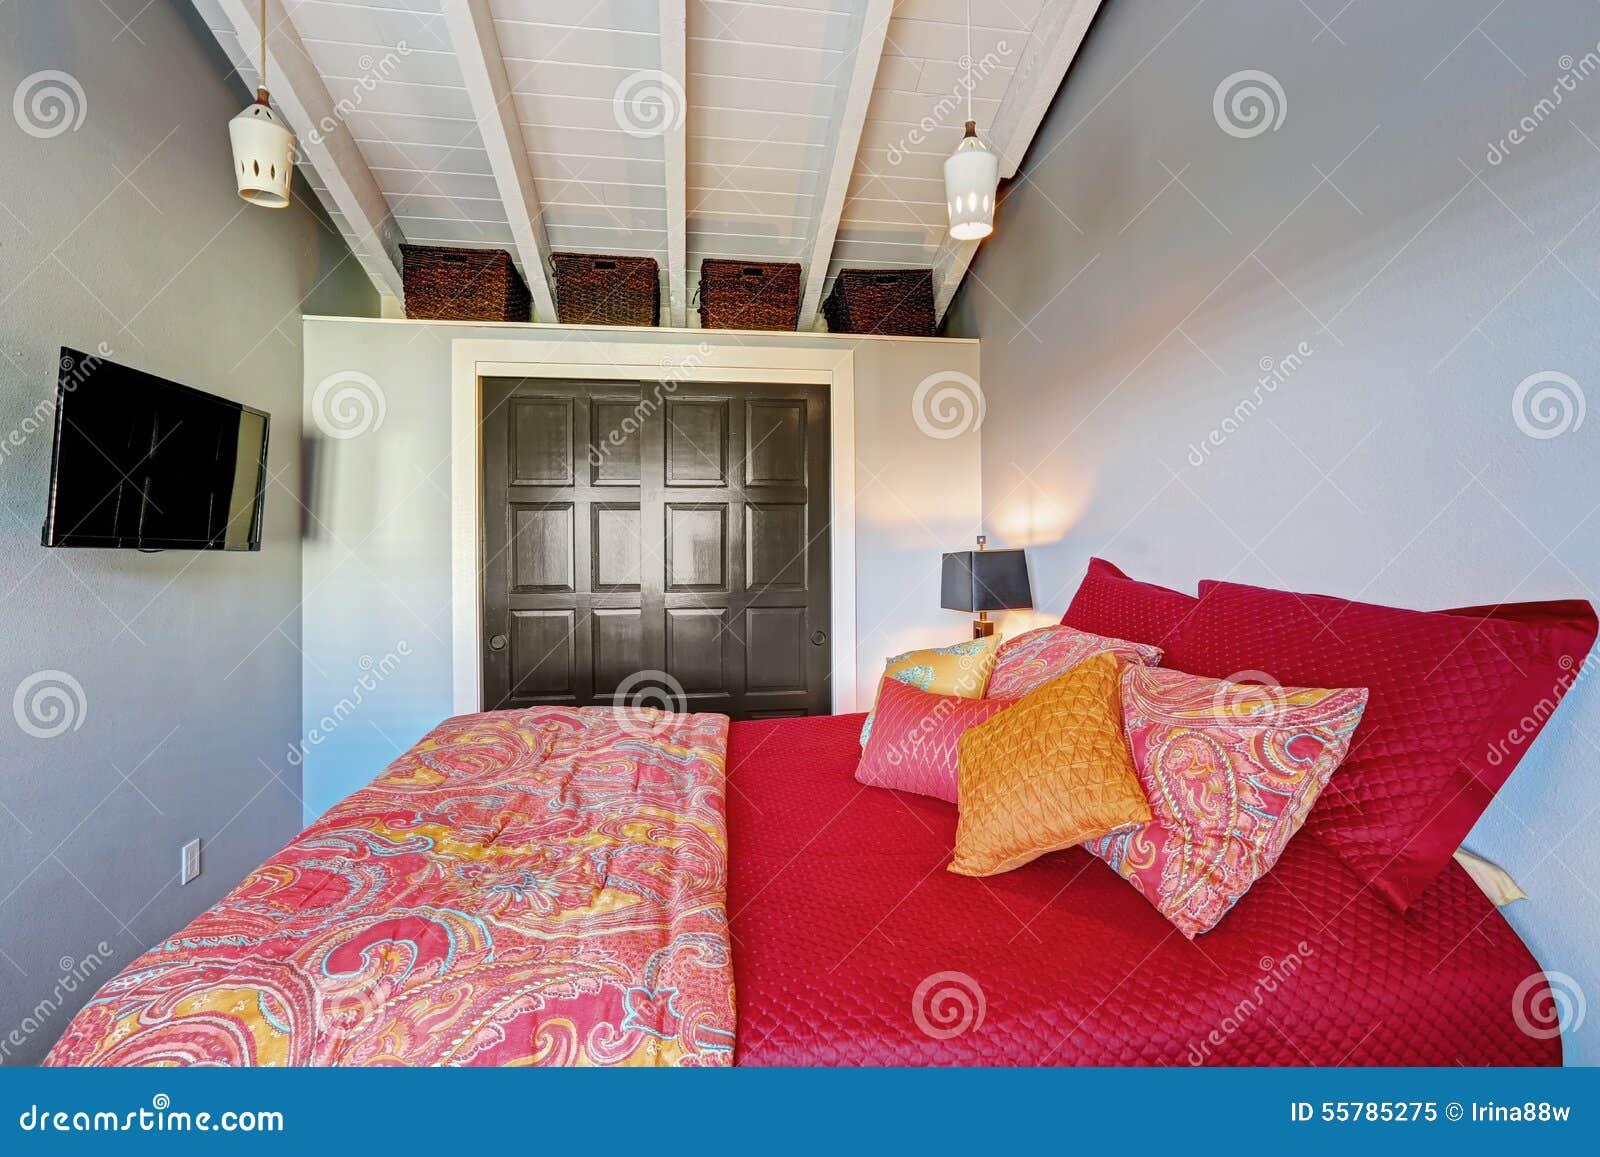 Slaapkamer Rood Grijs : Kleine perfecte slaapkamer met rood beddegoed en grijze muren